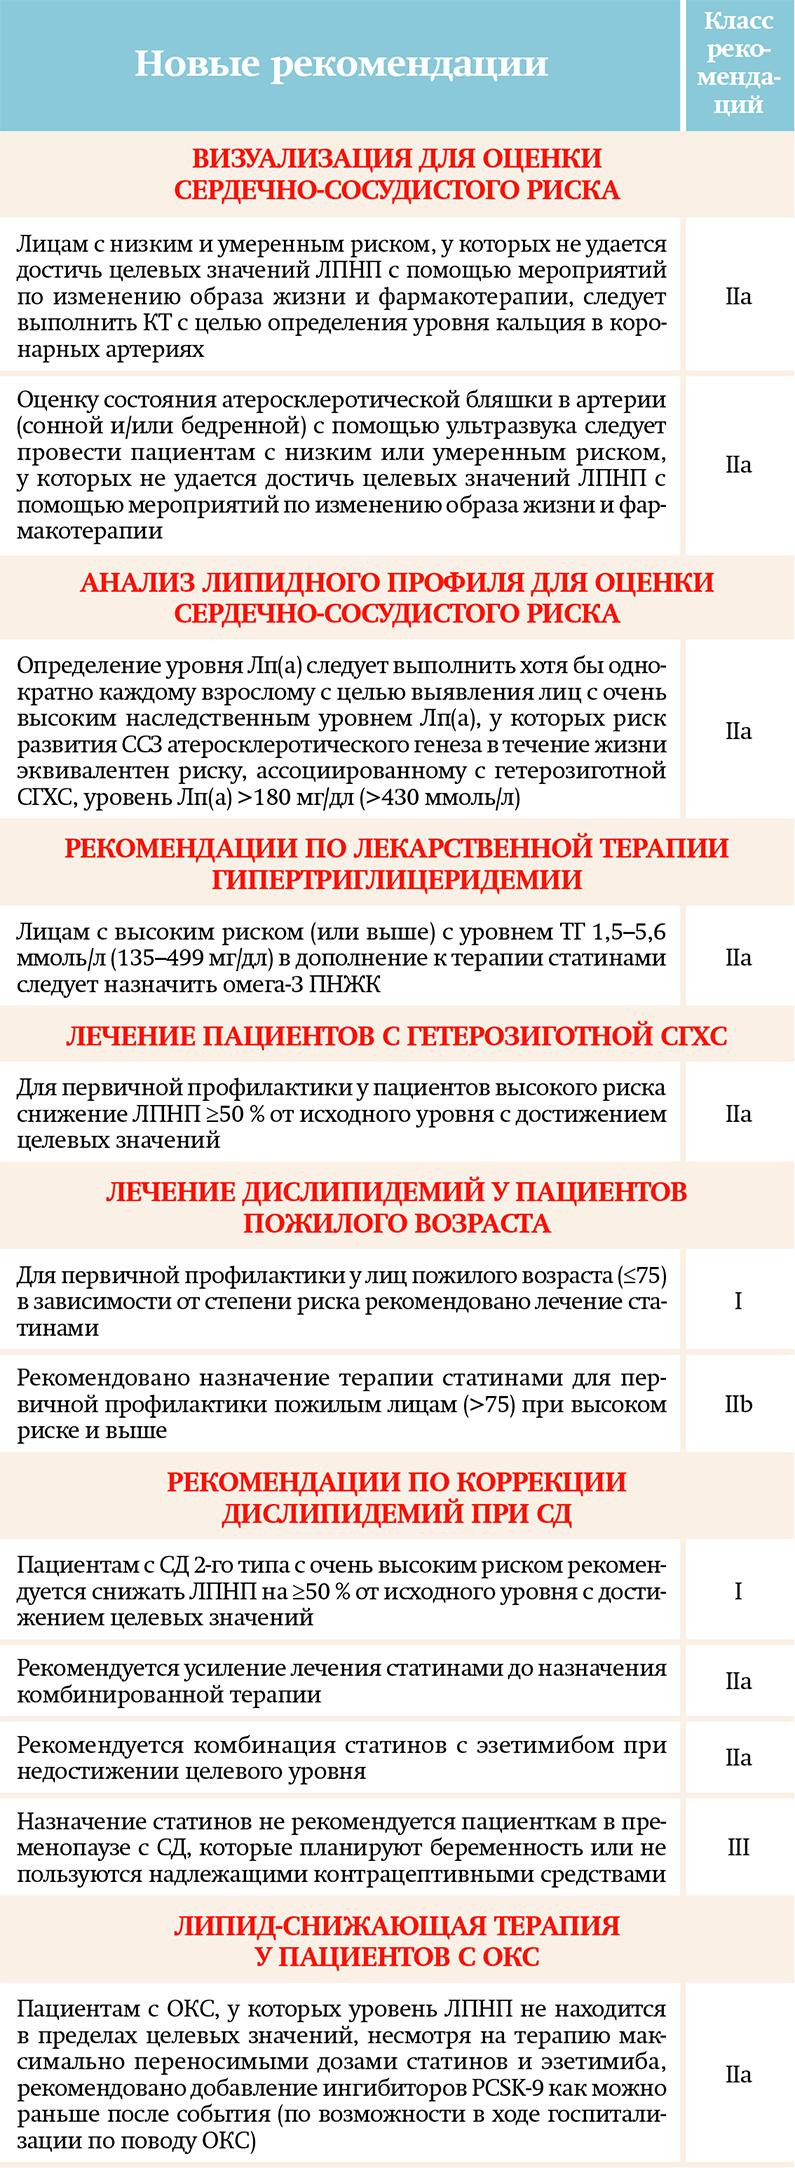 Таблица к материалу митьковская 4